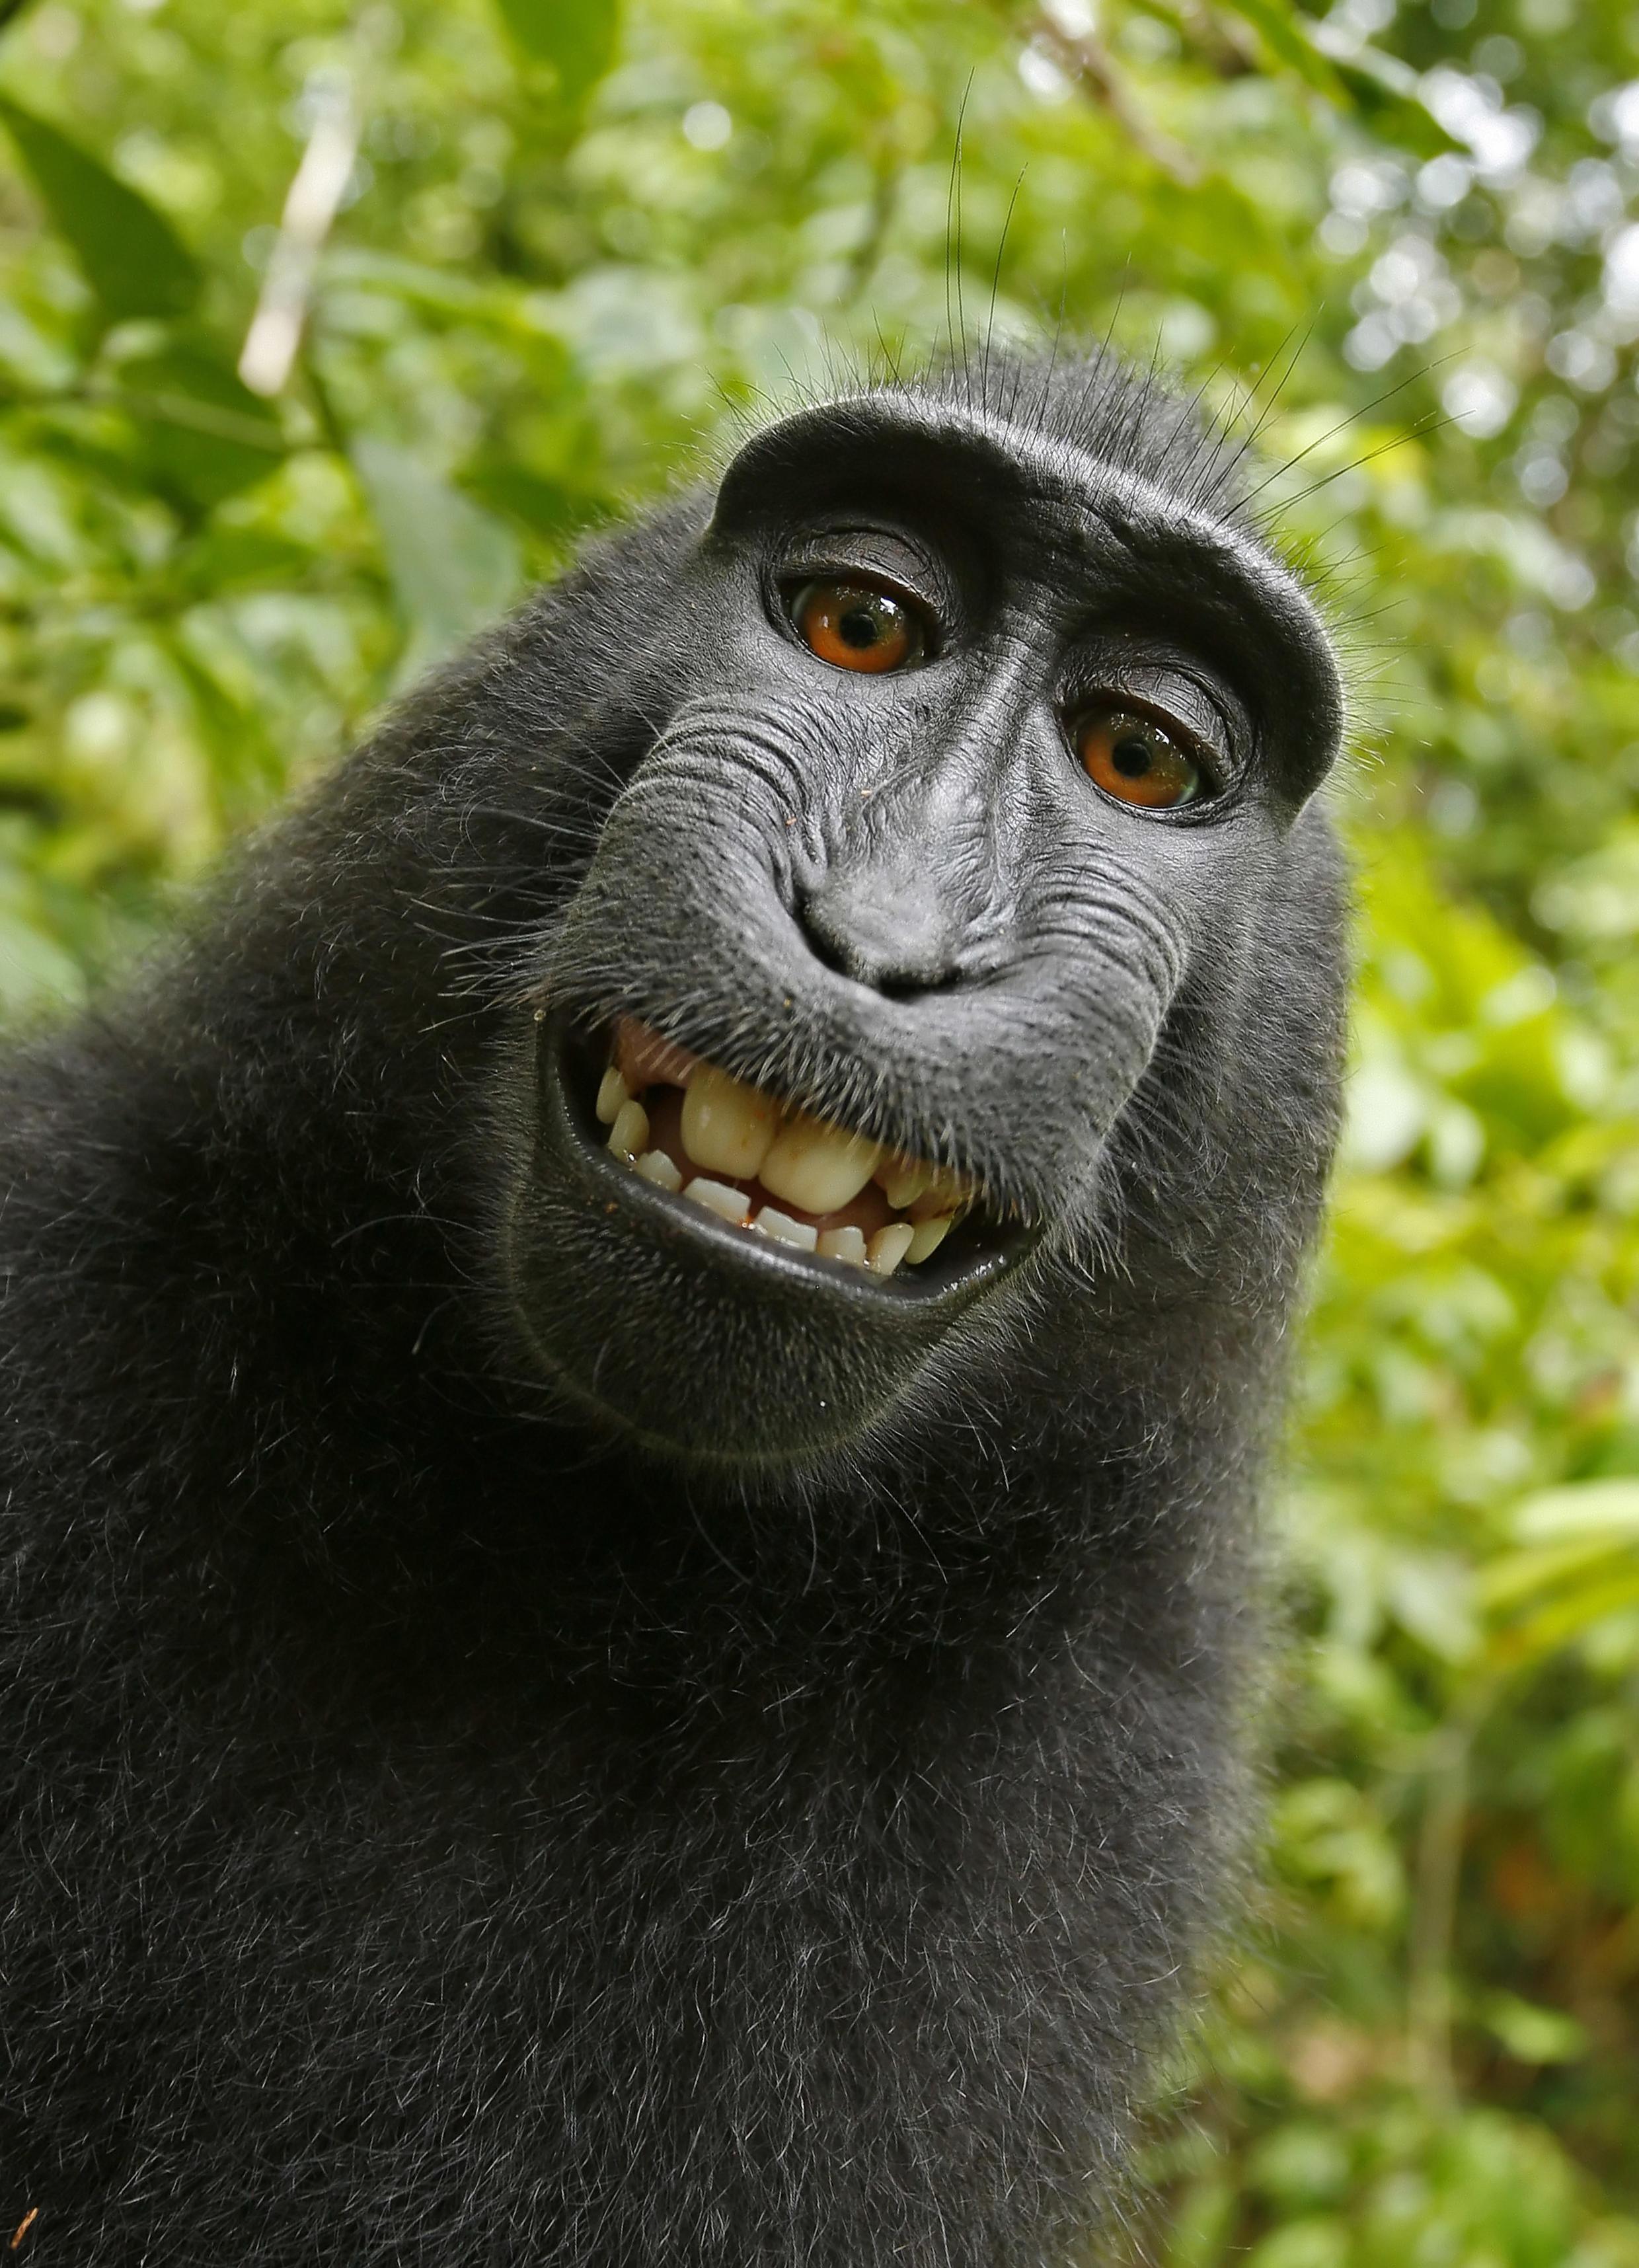 Auto-portrait d'un macaque à crête noire femelle, réalisé avec l'appareil du photographe britannique David Slater, dans le nord de l'île de Sulawesi.